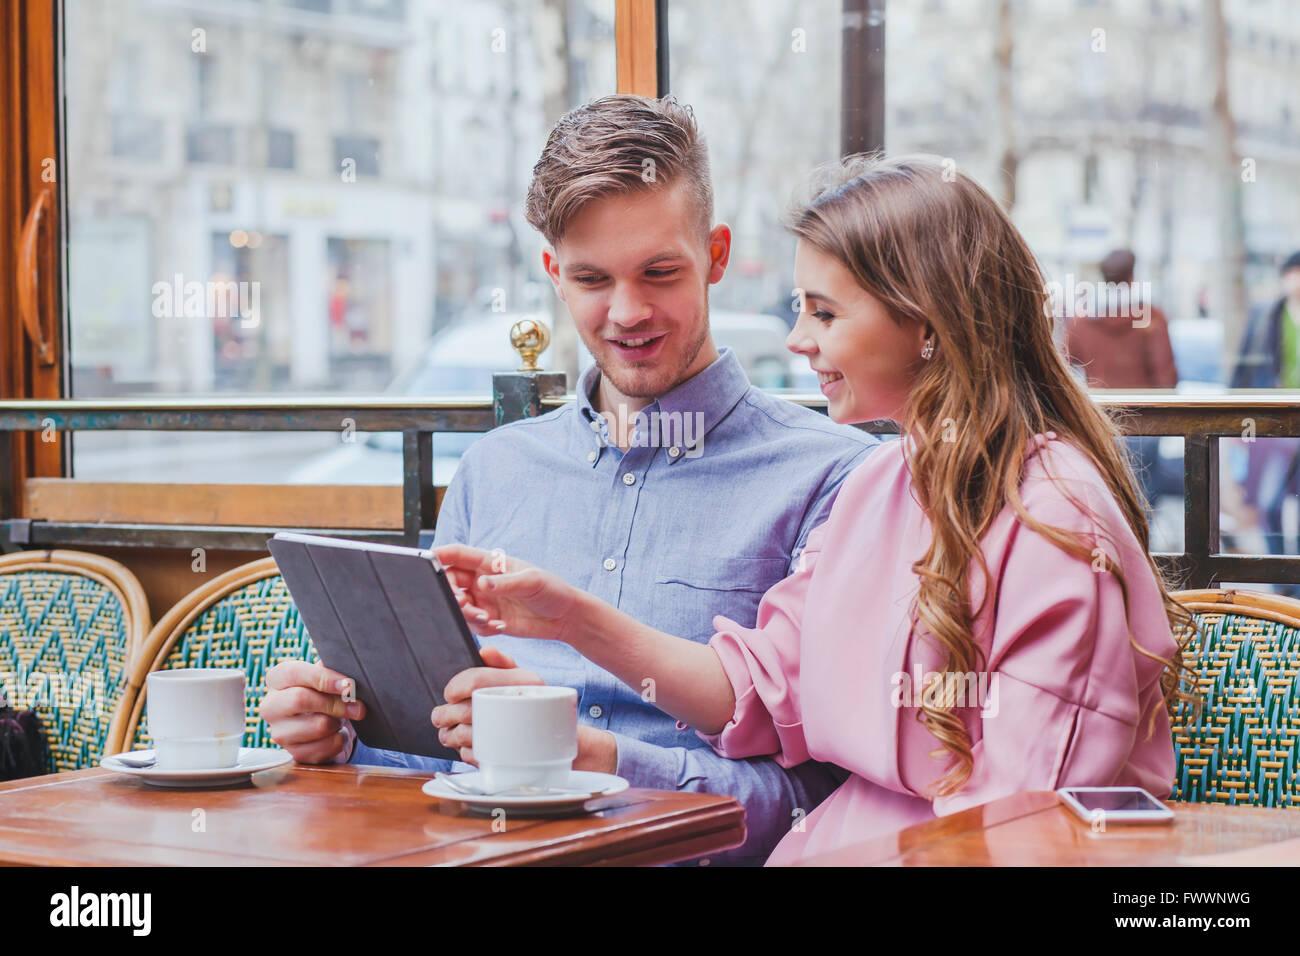 Pareja joven con tableta digital en el café, sonriendo feliz al hombre y a la mujer mirando a la pantalla, Imagen De Stock